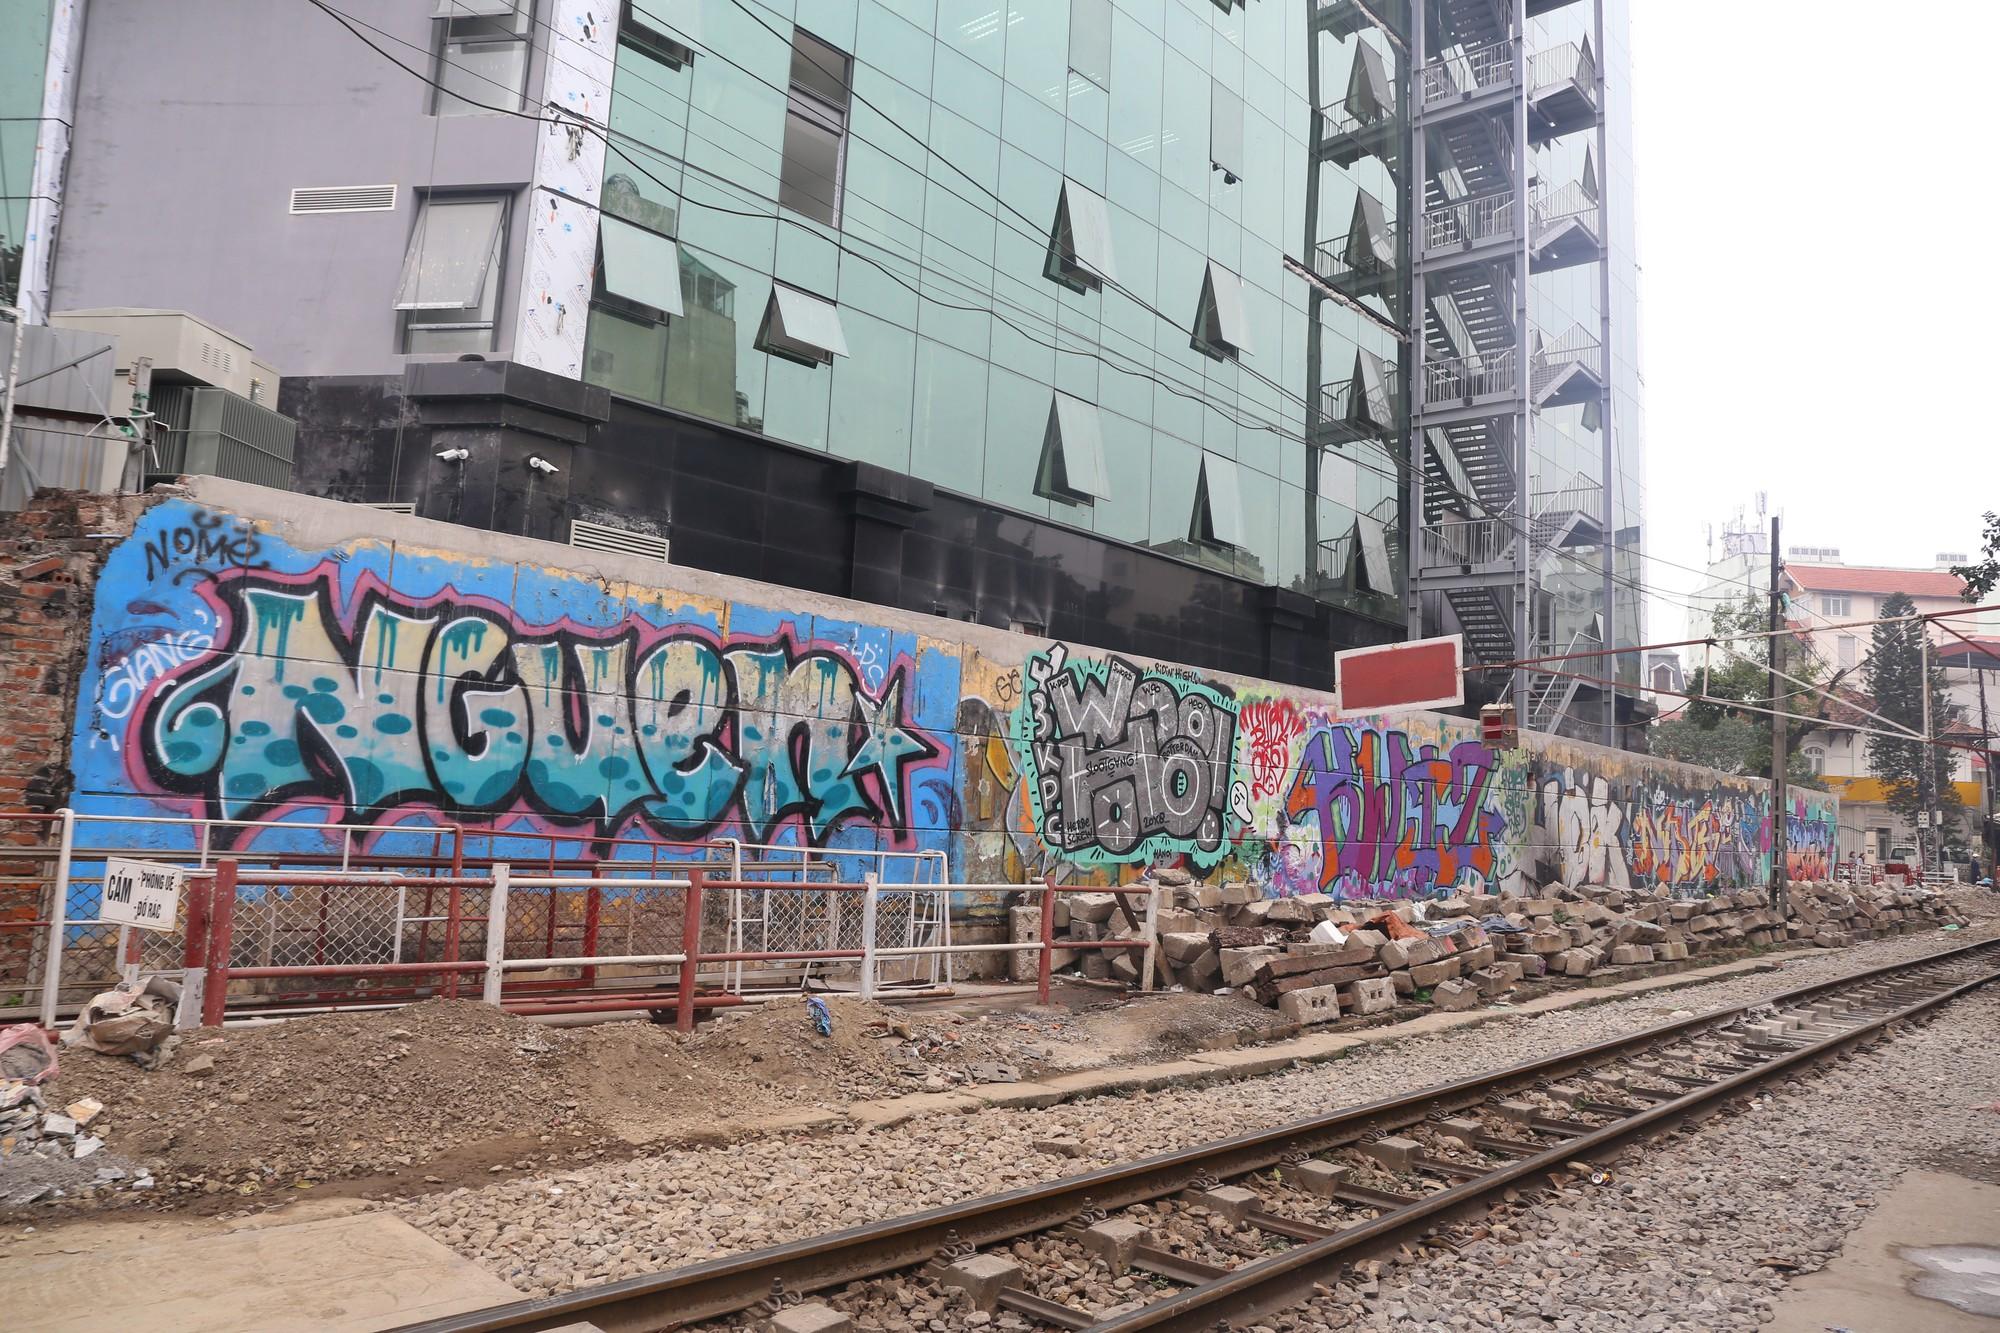 Phố Phường Hà Nội Bị Bôi Bẩn Bởi Vẽ Graffiti Như Thế Nào? - Ảnh